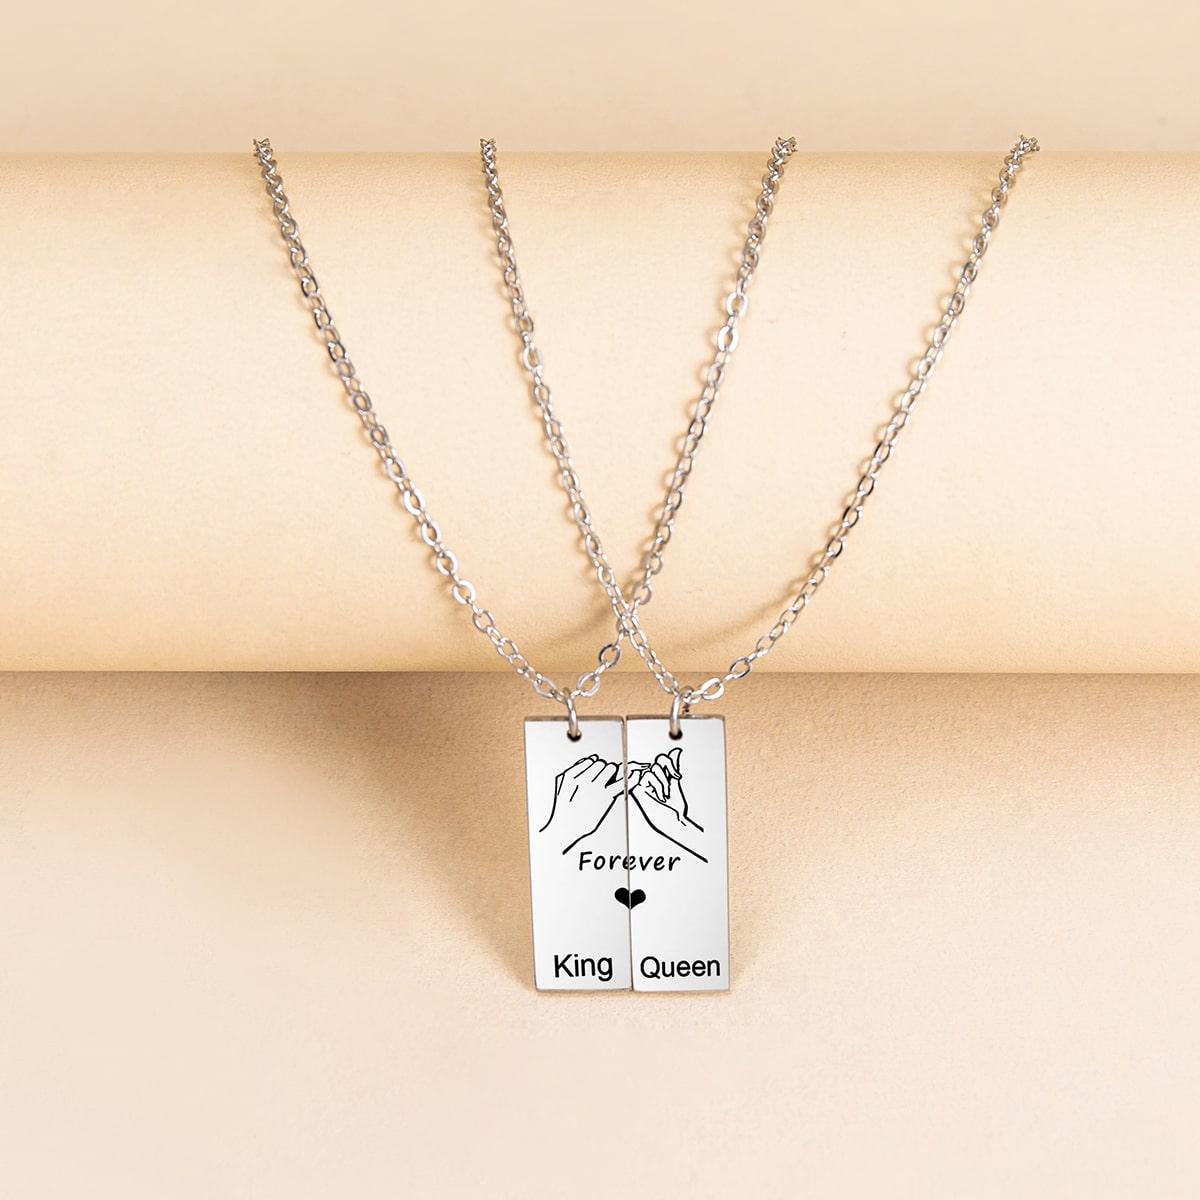 2 Stücke Paare Halskette mit geometrischem Dekor